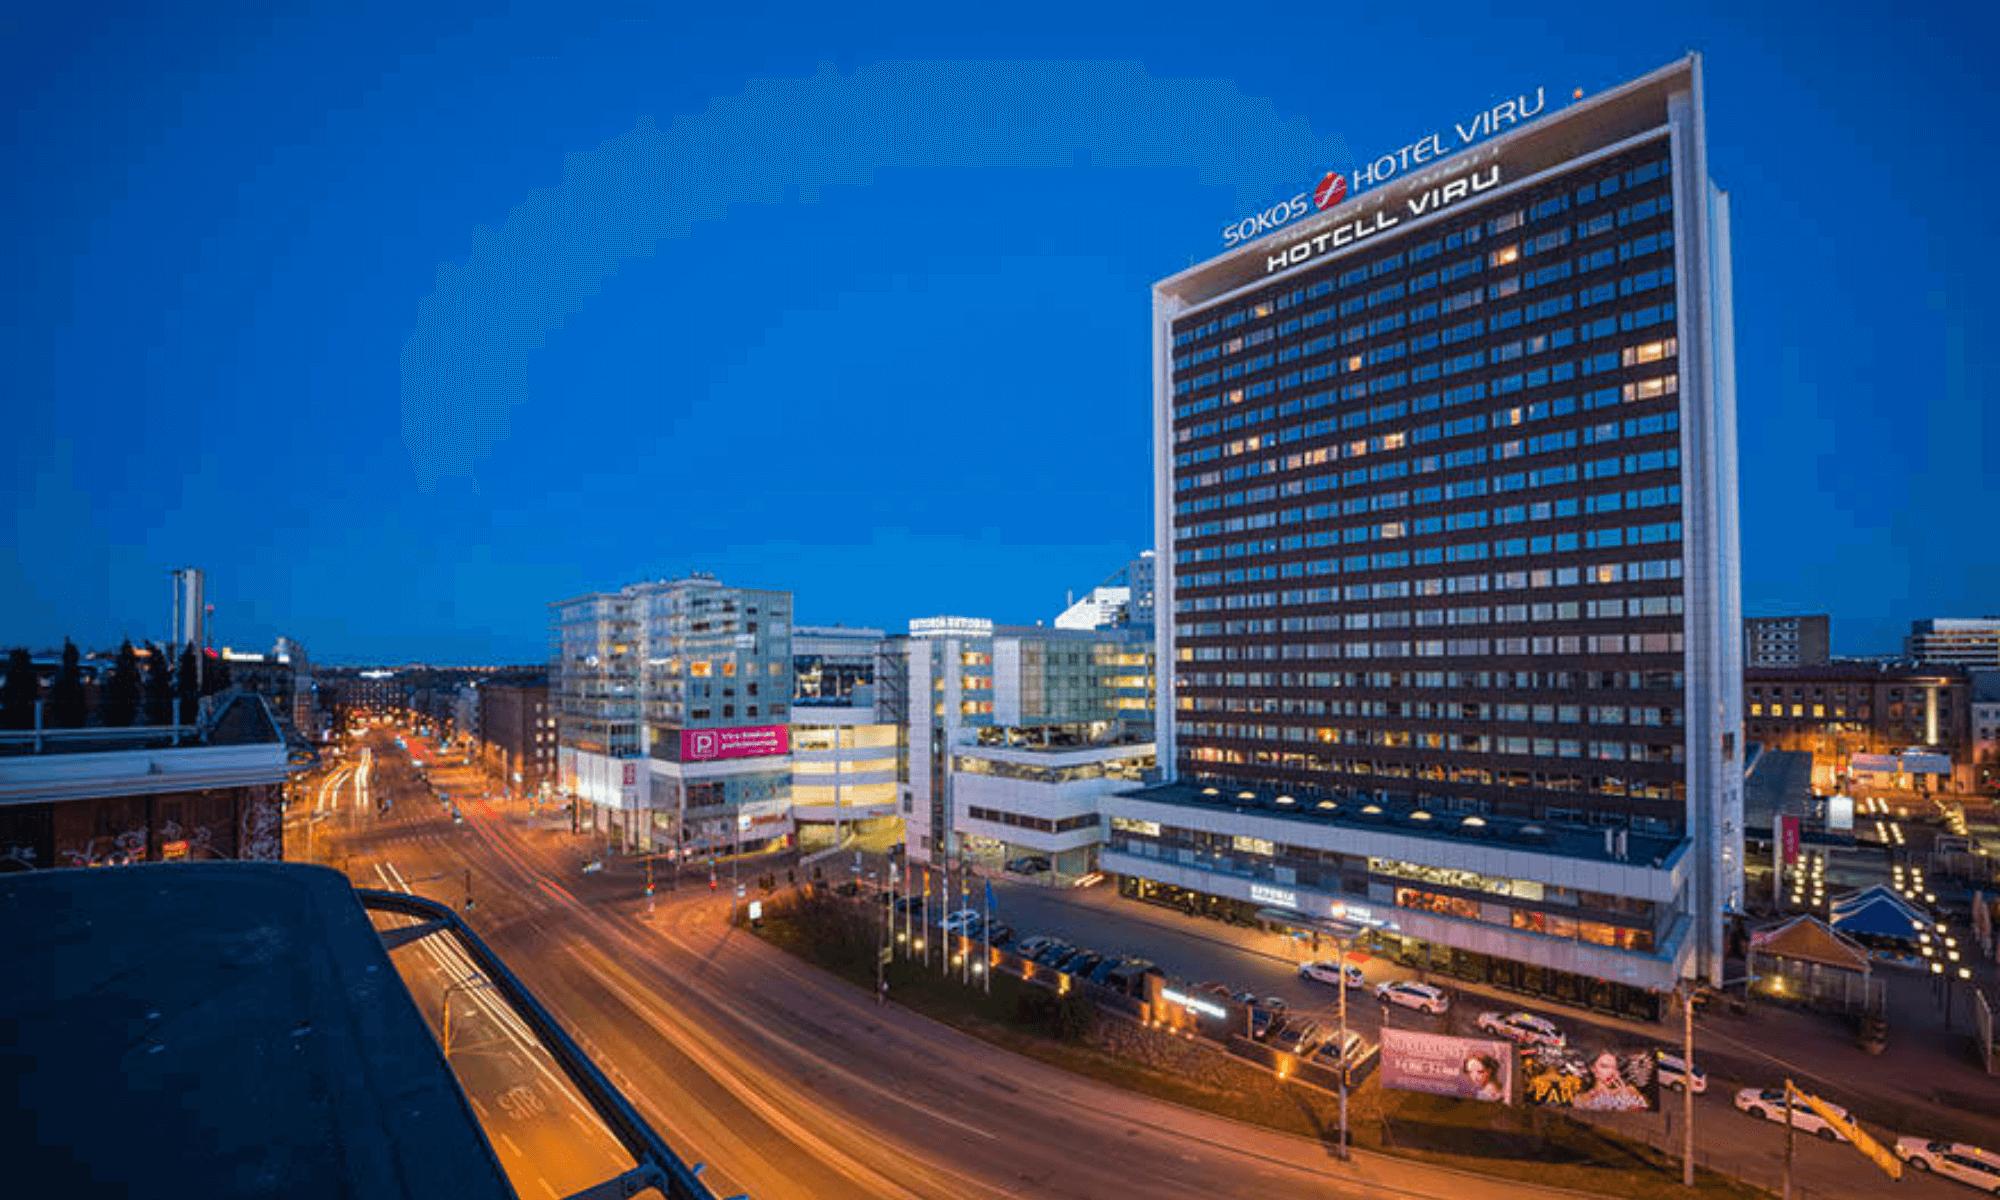 Conoce la historia detrás del Hotel Viru y su escalofriante piso 23 que esconde rastros del servicio de inteligencia soviético en Estonia